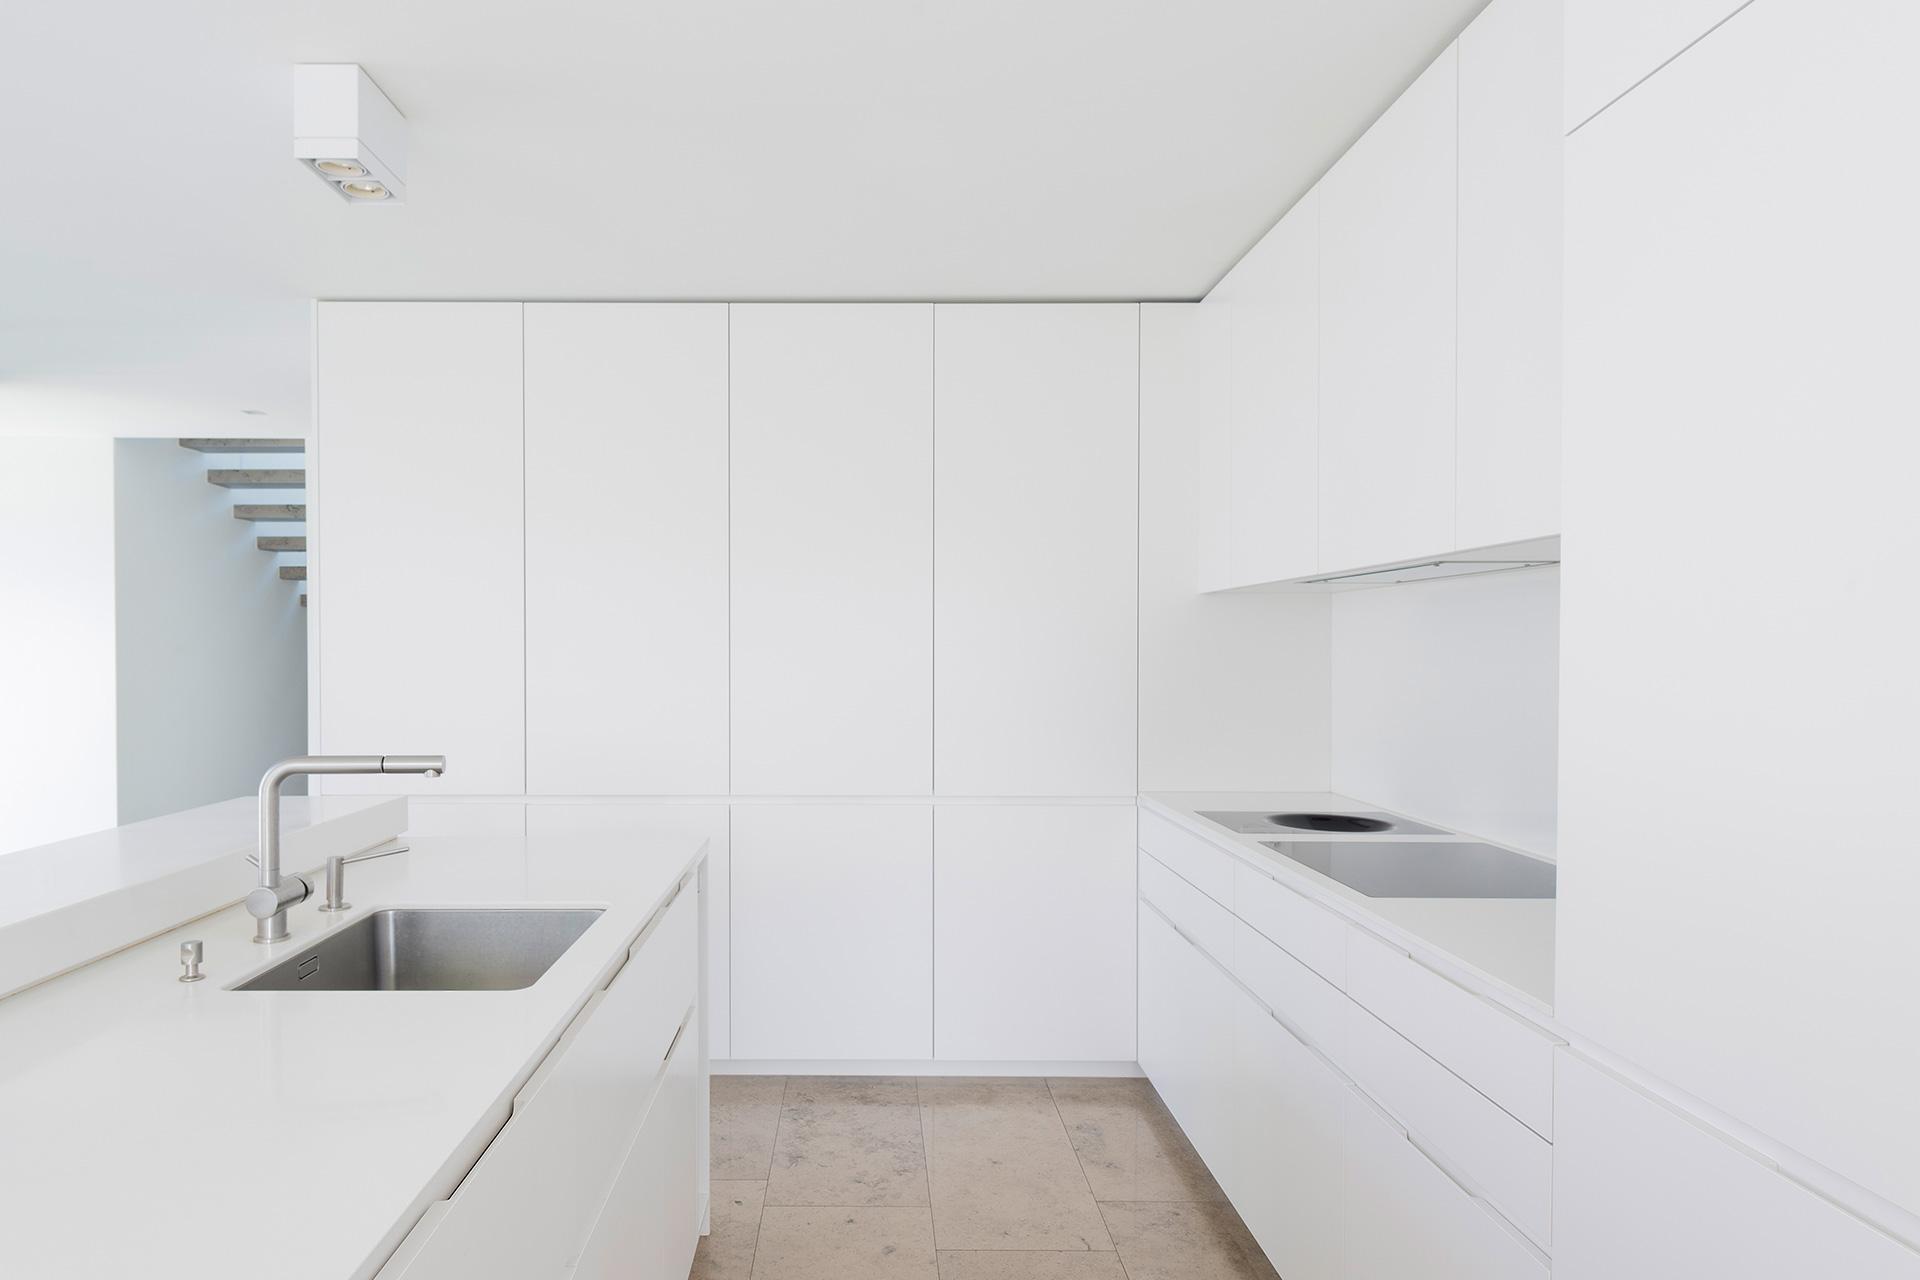 Pfister Klingenfuss Architekten, Haus H, Mörschwil, Küche